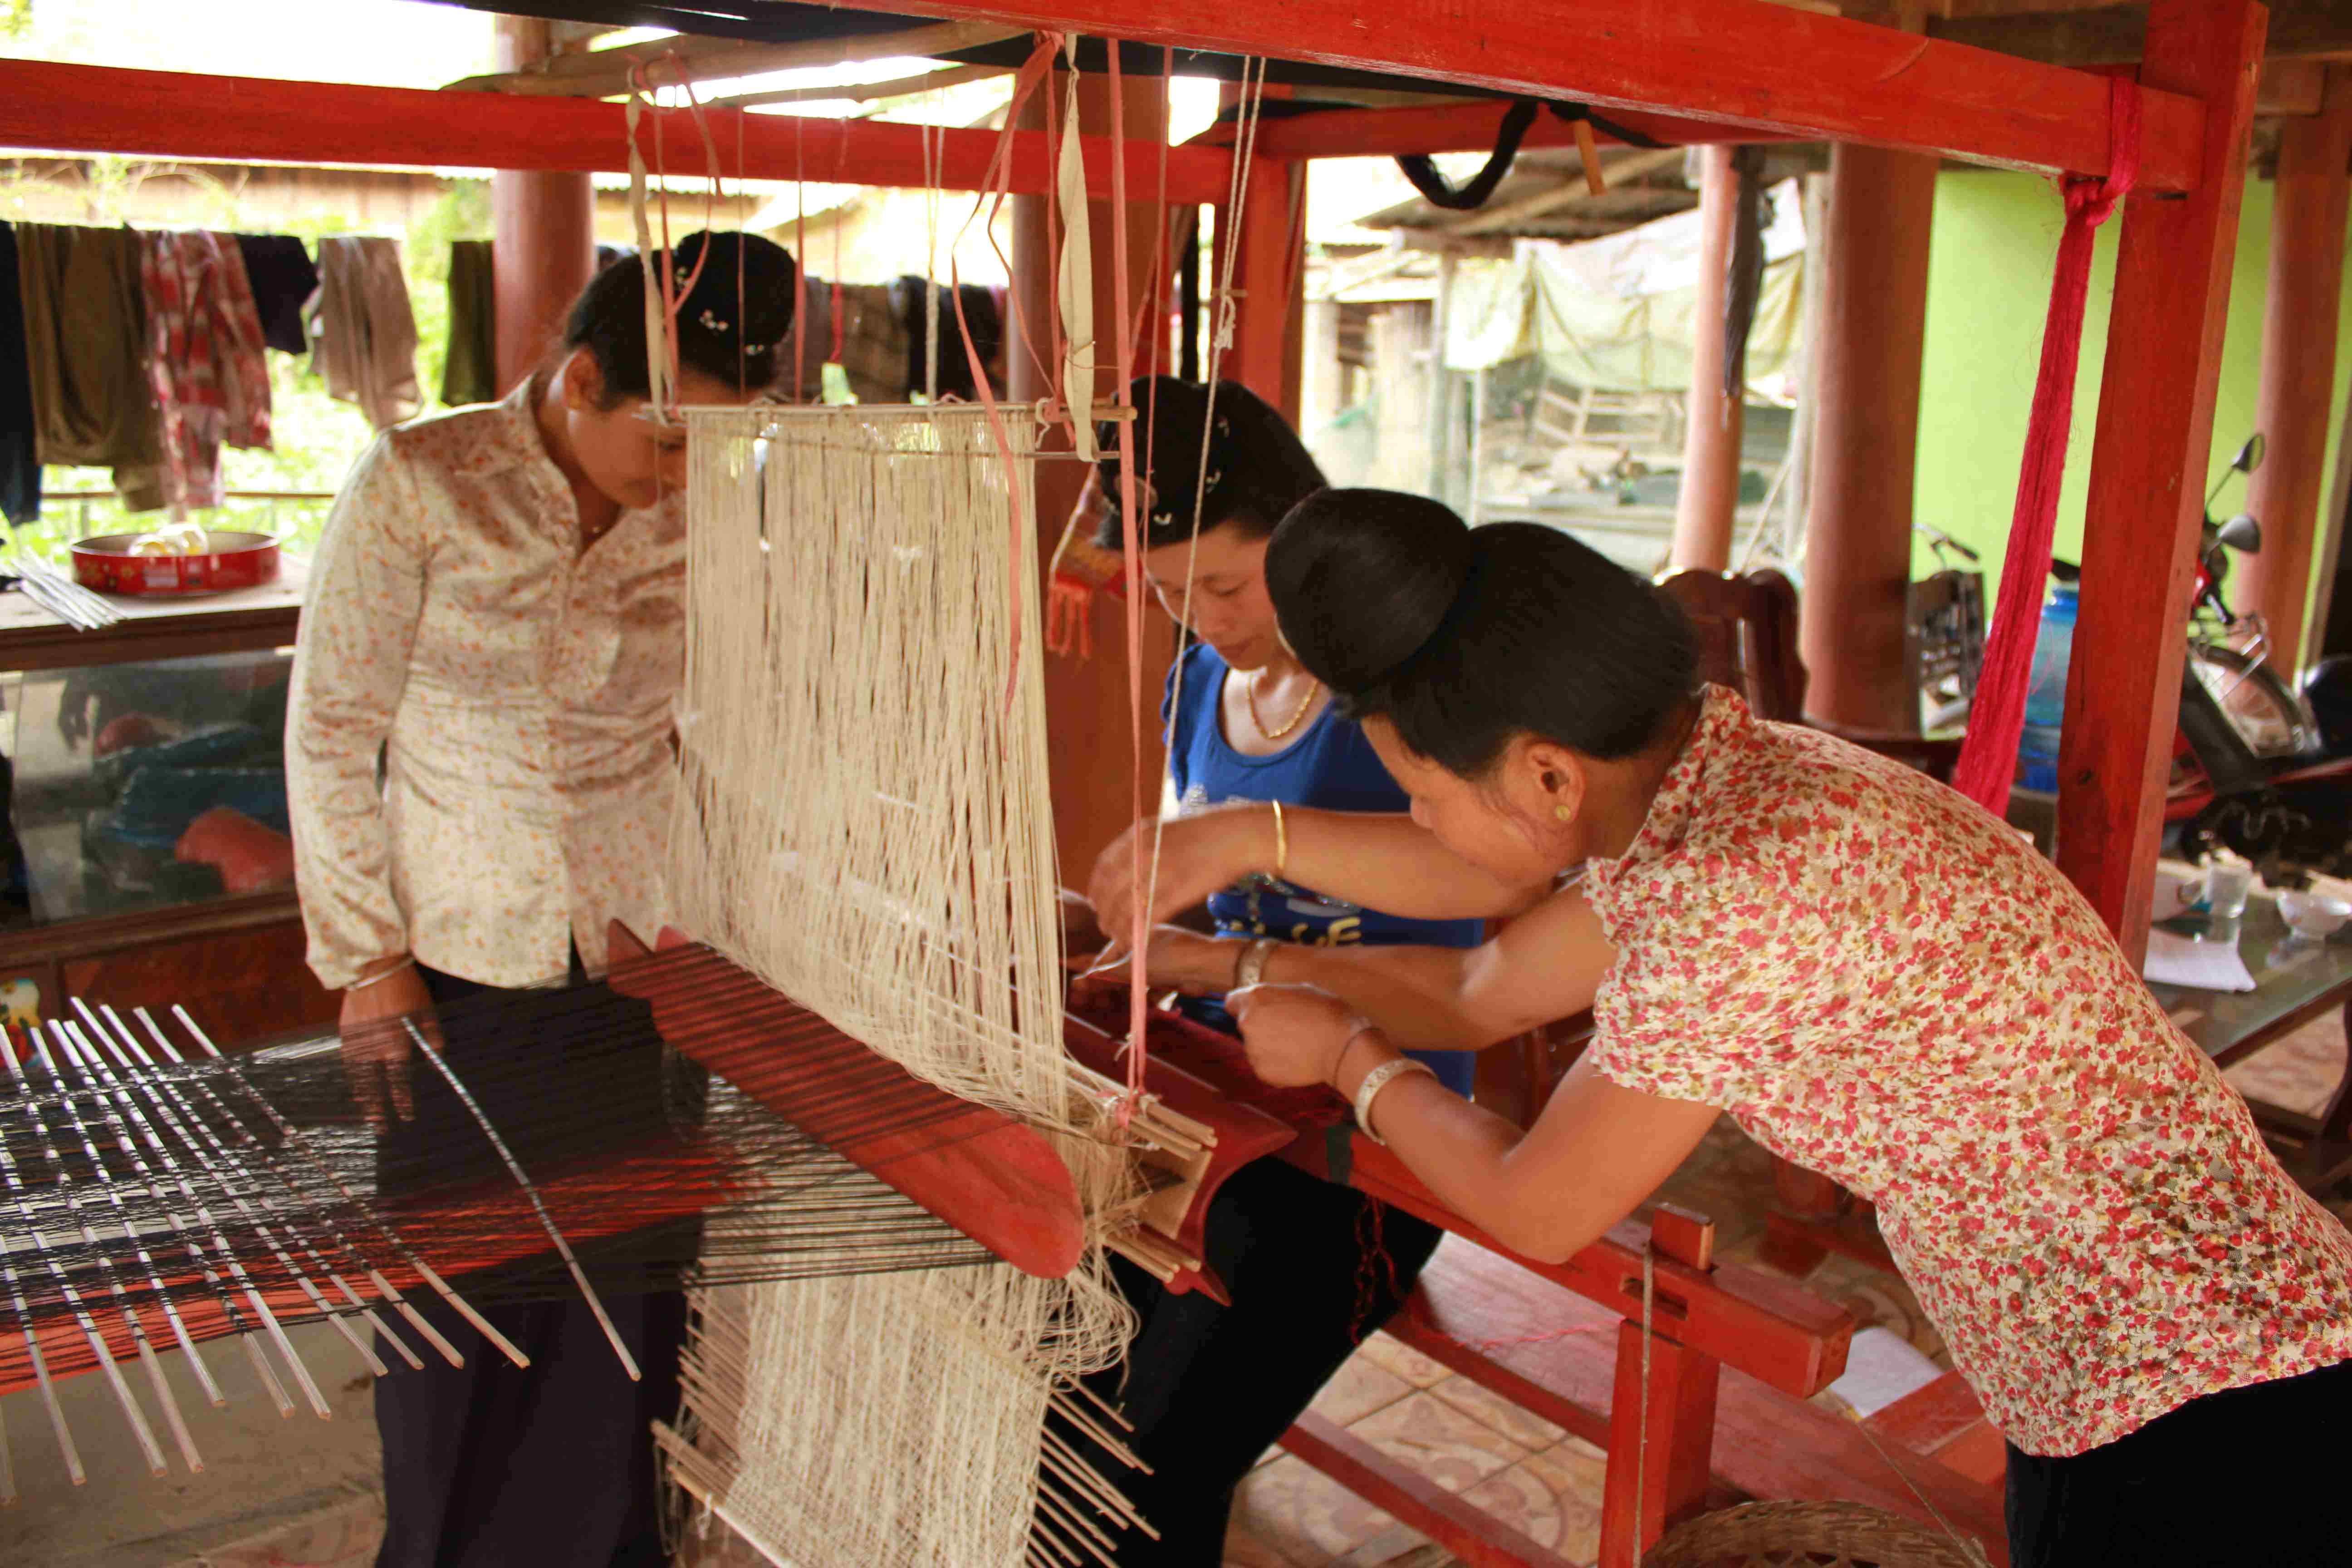 Dệt thổ cẩm của đồng bào Thái ở Điện biên luôn thu hút sự quan tâm của khách du lịch. (Ảnh: NQ)